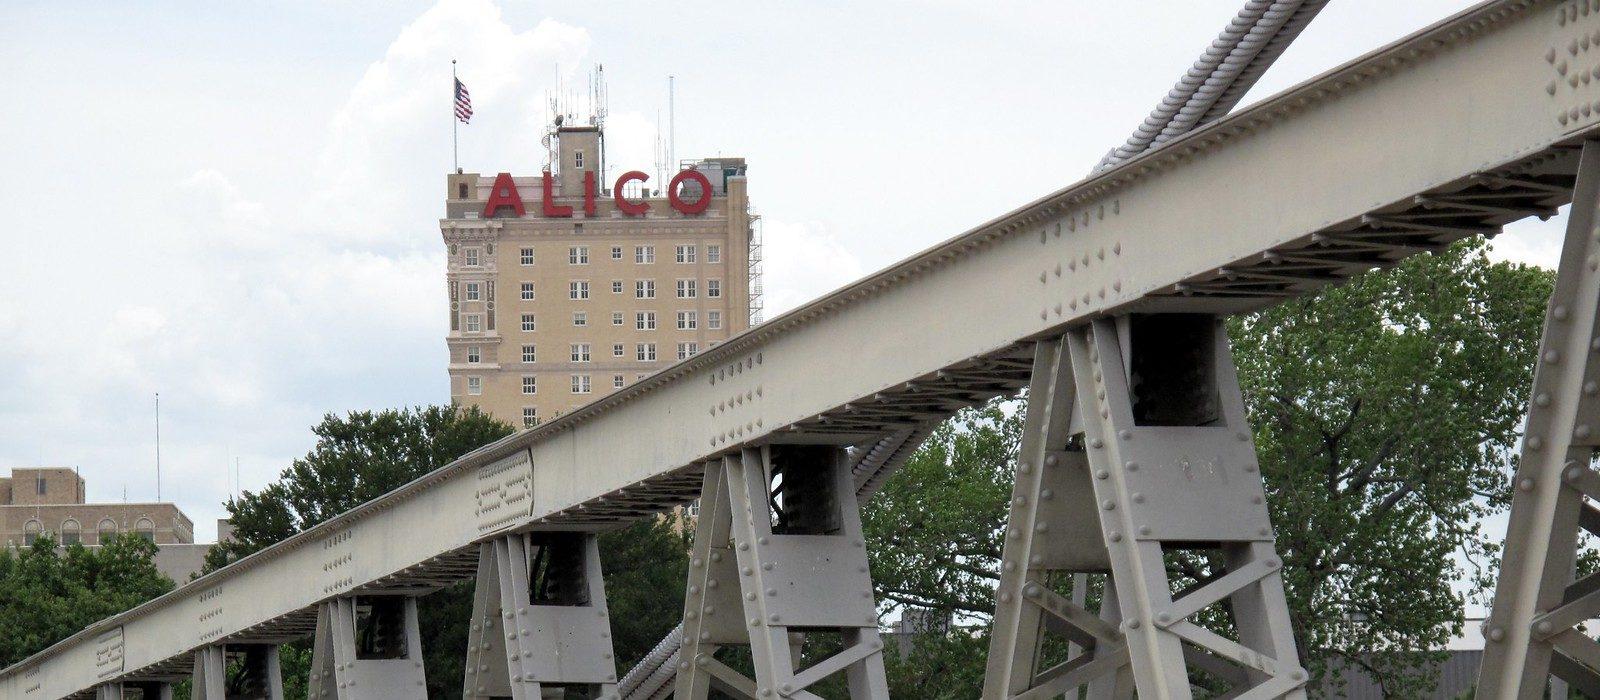 ALICO Building Waco TX